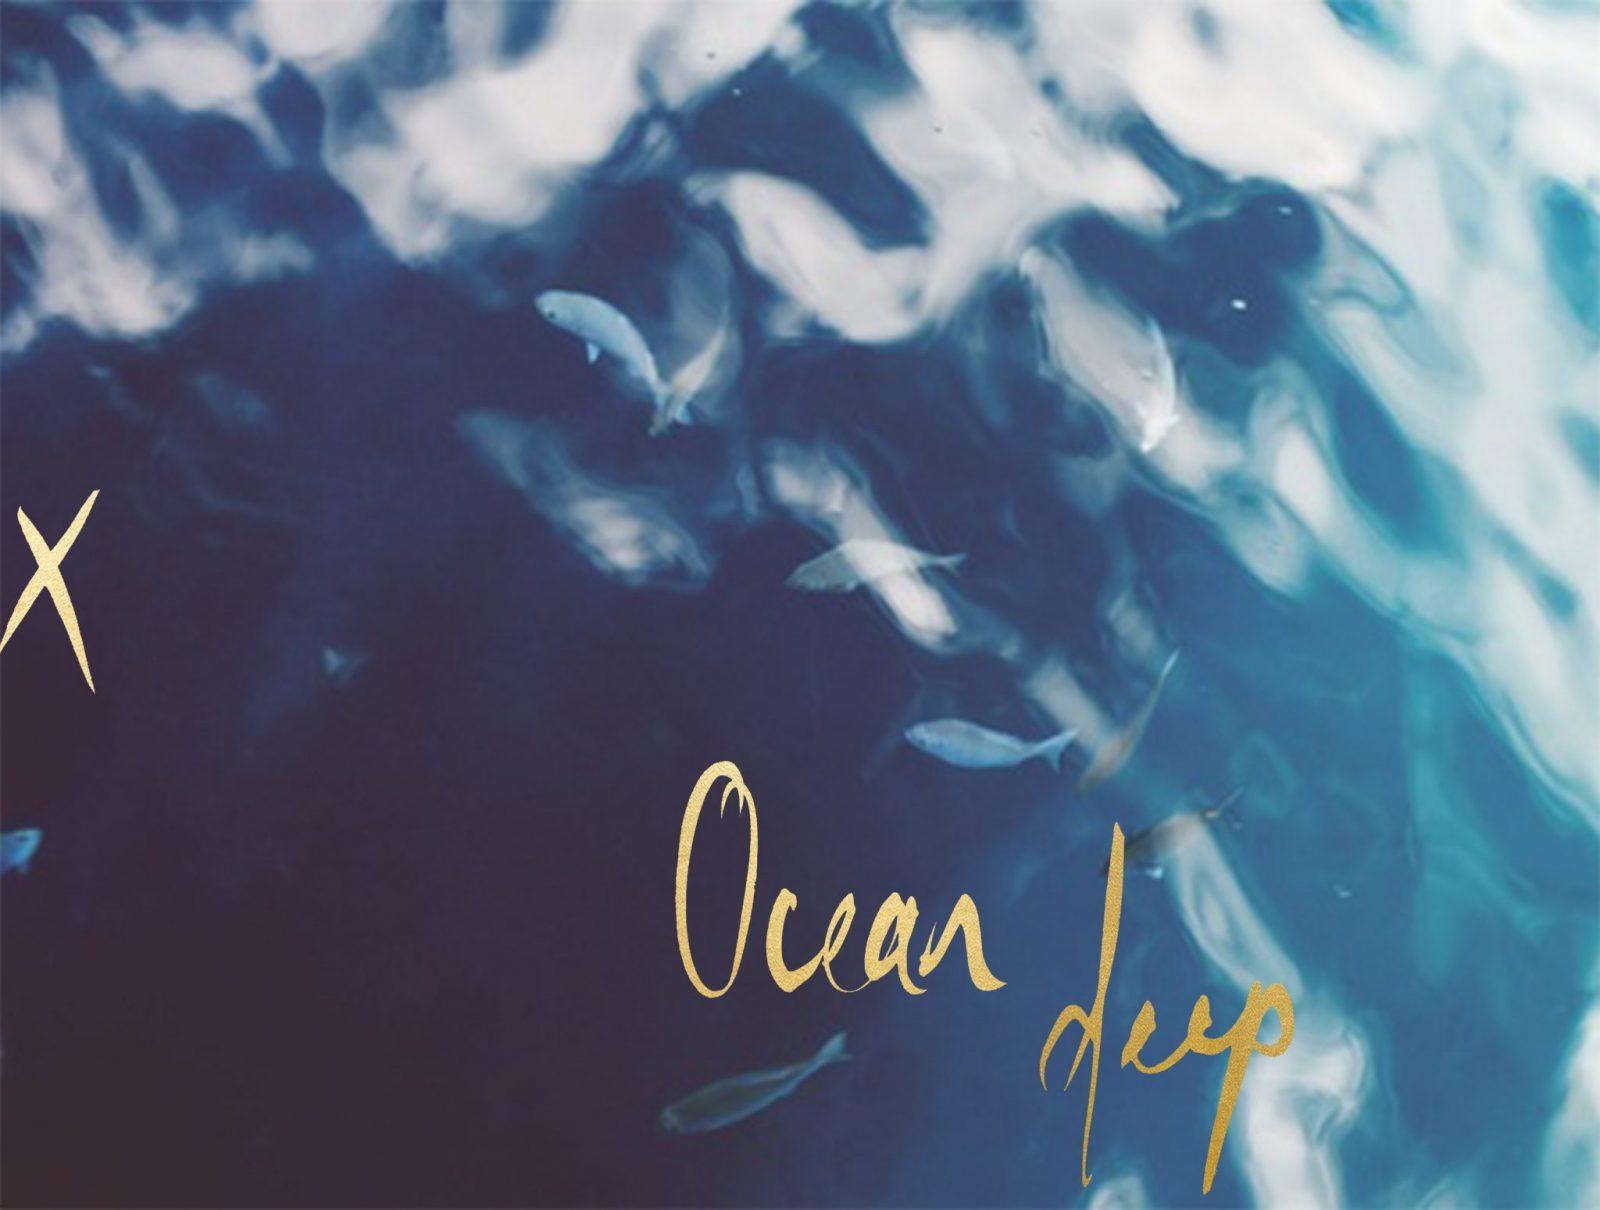 OceanDeepX